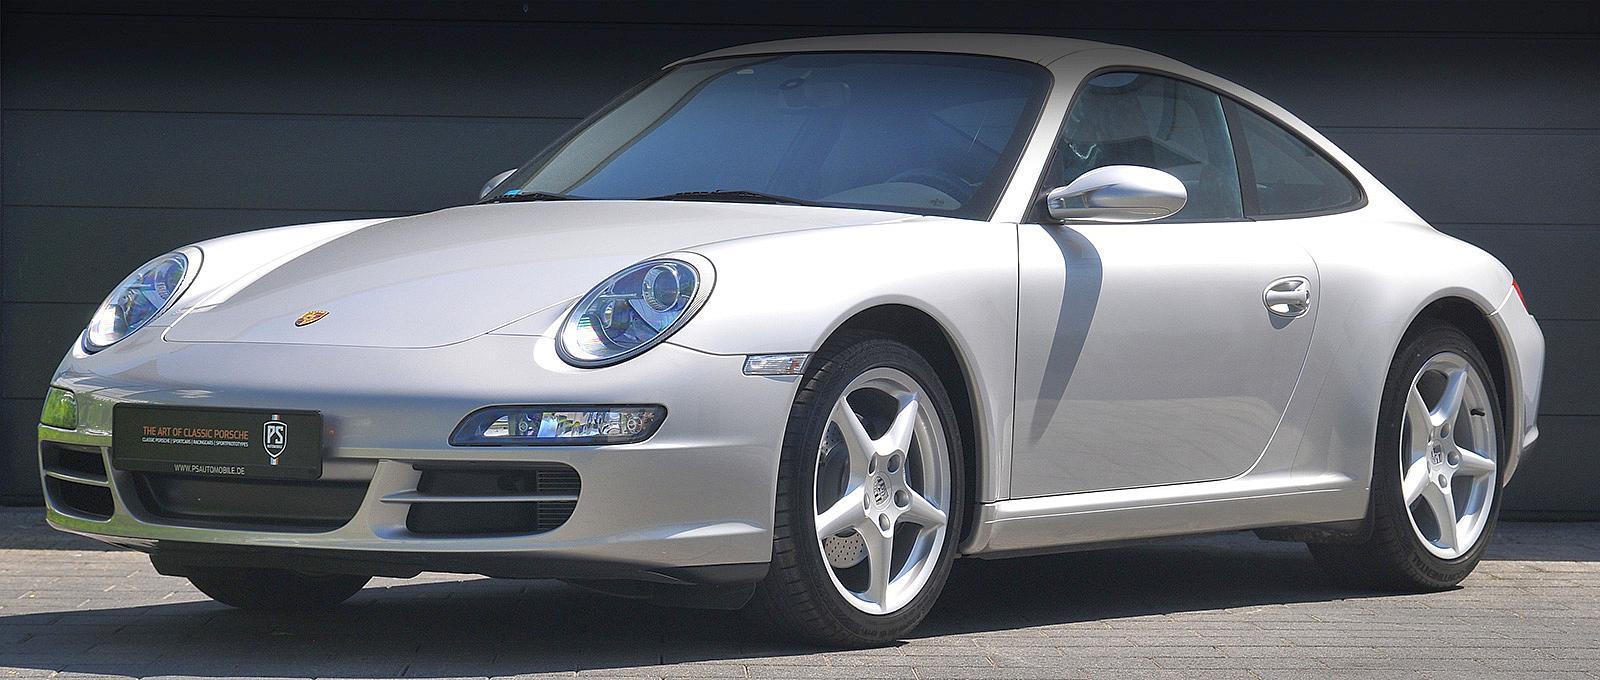 Porsche 997 Coupé